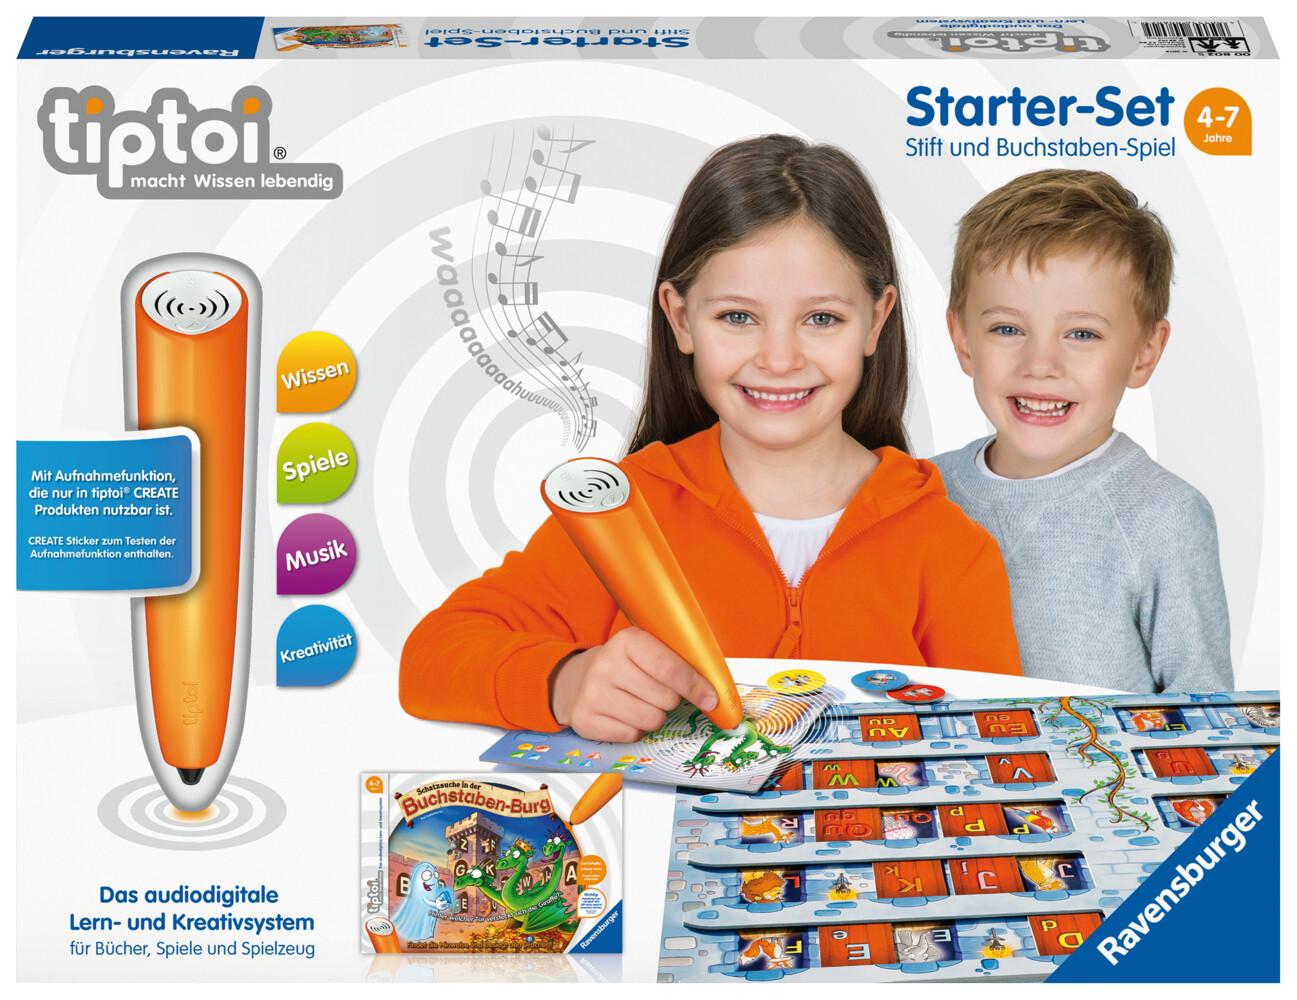 tiptoi® Starter-Set mit Stift und Buchstaben-Spiel